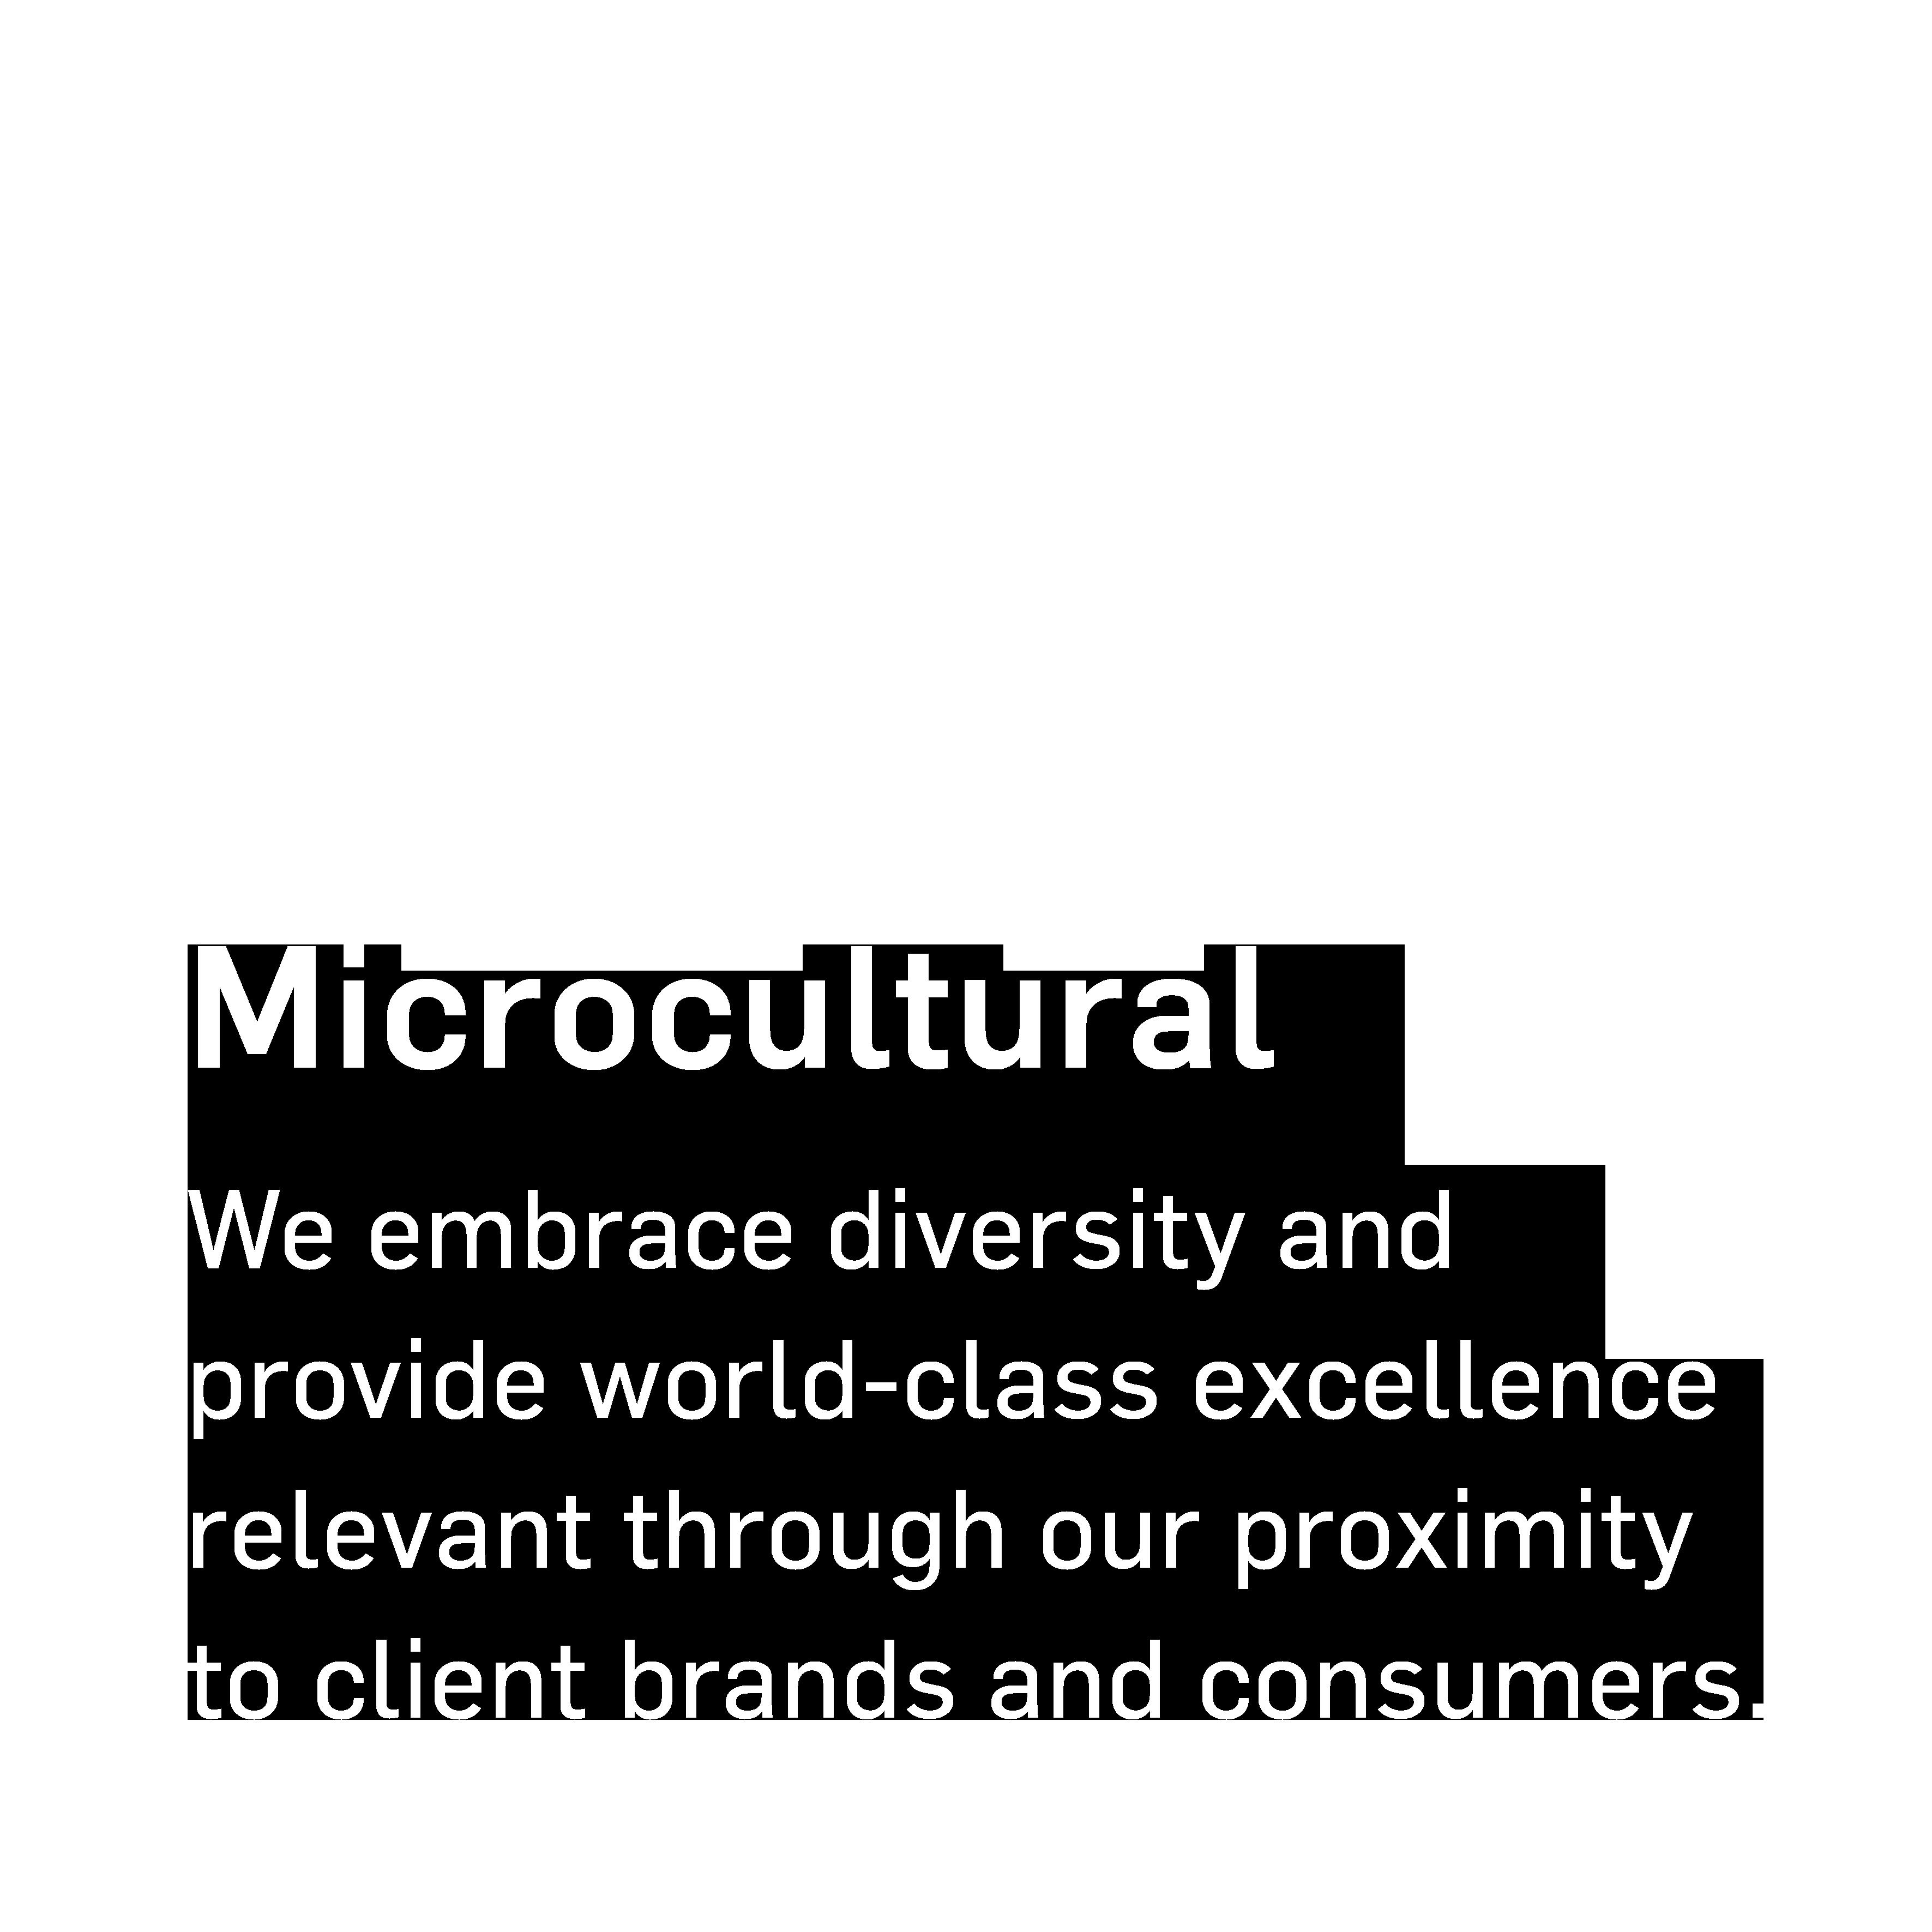 Microcultural